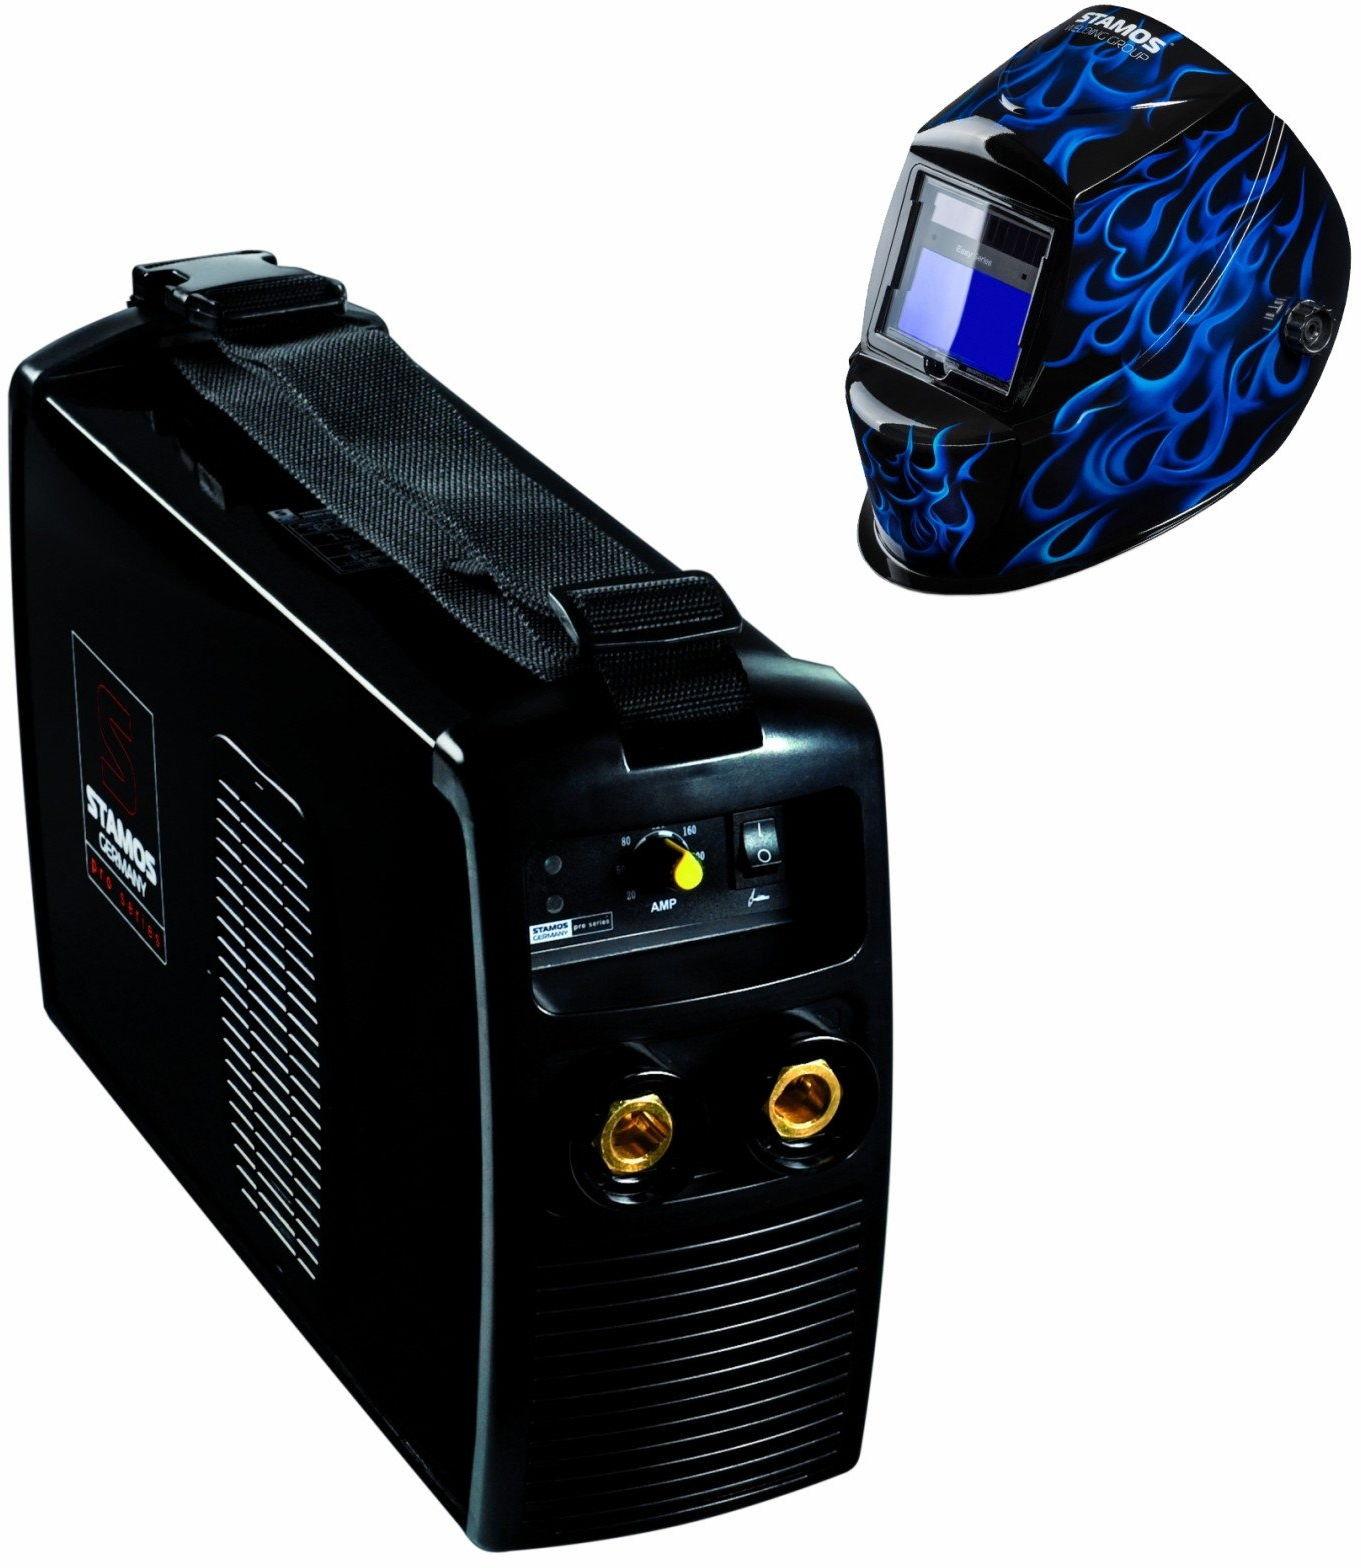 Spawarka MMA - 250 A - 230 V - IGBT - PLUS maska spawalnicza - Eagle Eye - Advanced - Stamos Pro Series - S-MMA-250-PI - 3 lata gwarancji/wysyłka w